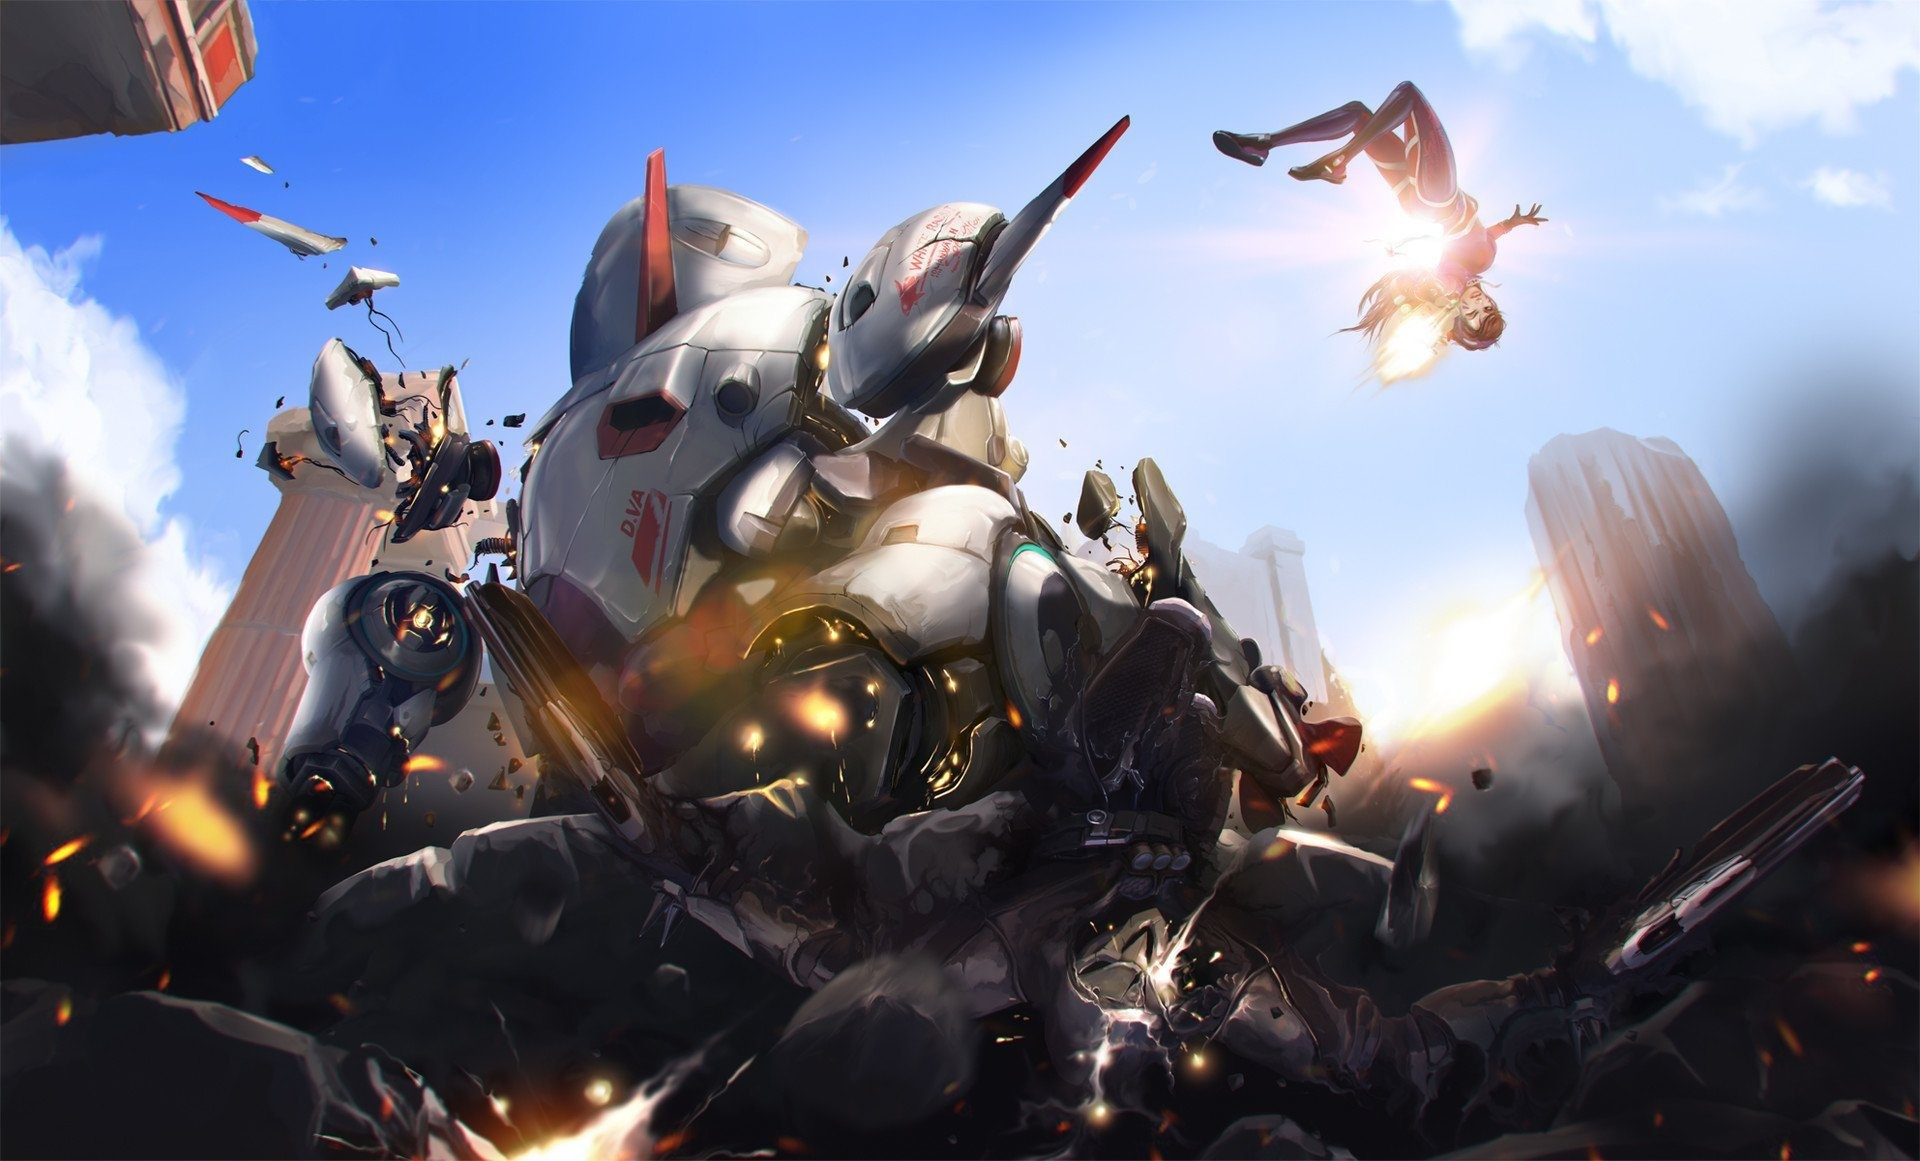 Overwatch reaper wallpapers 83 images - Overwatch wallpaper 4k ...